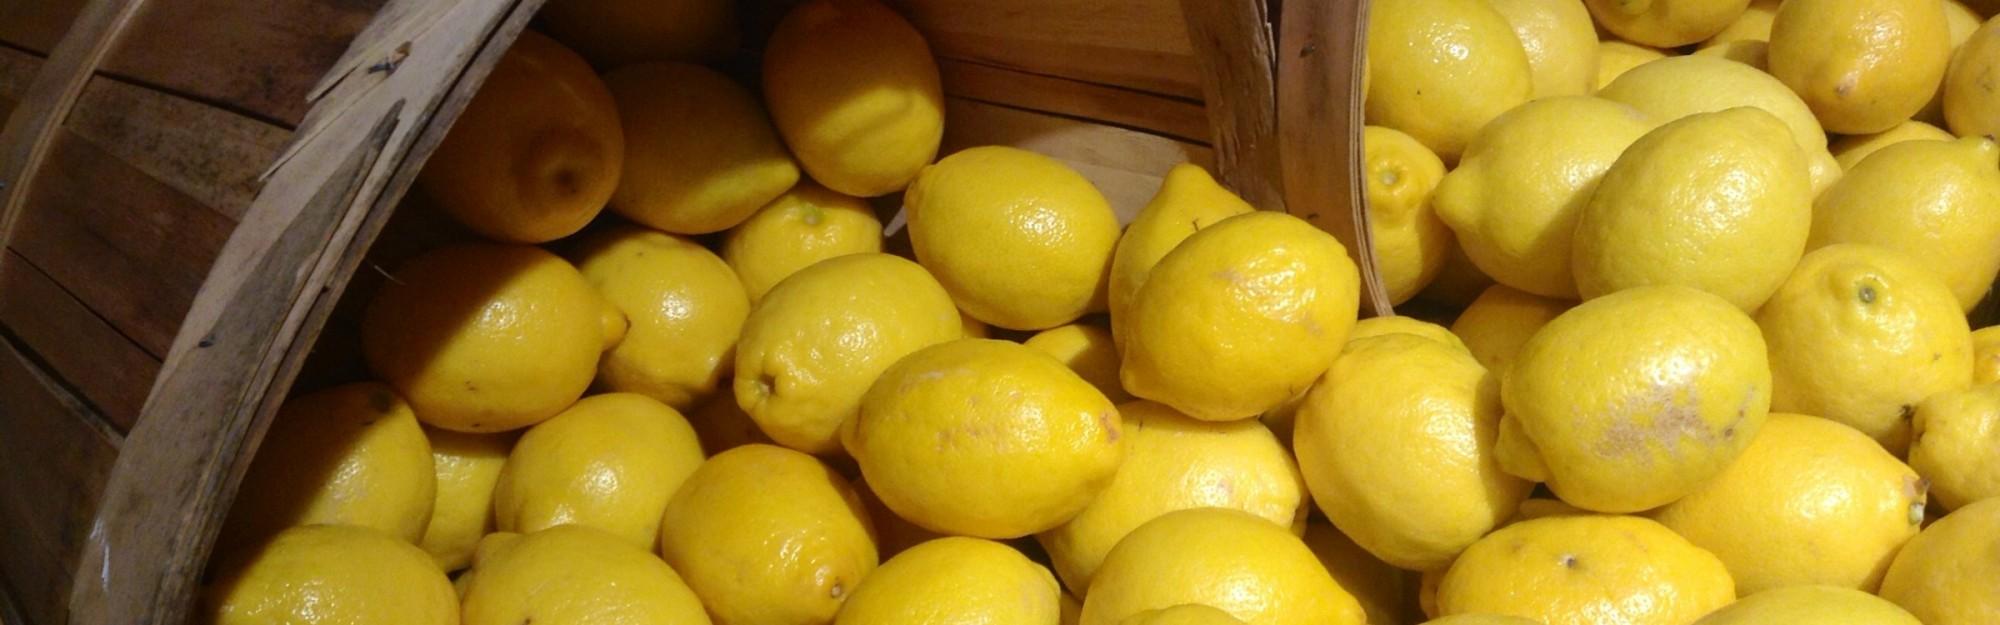 Abnehmen und Detox – Leicht gemacht mit Zitronenwasser!